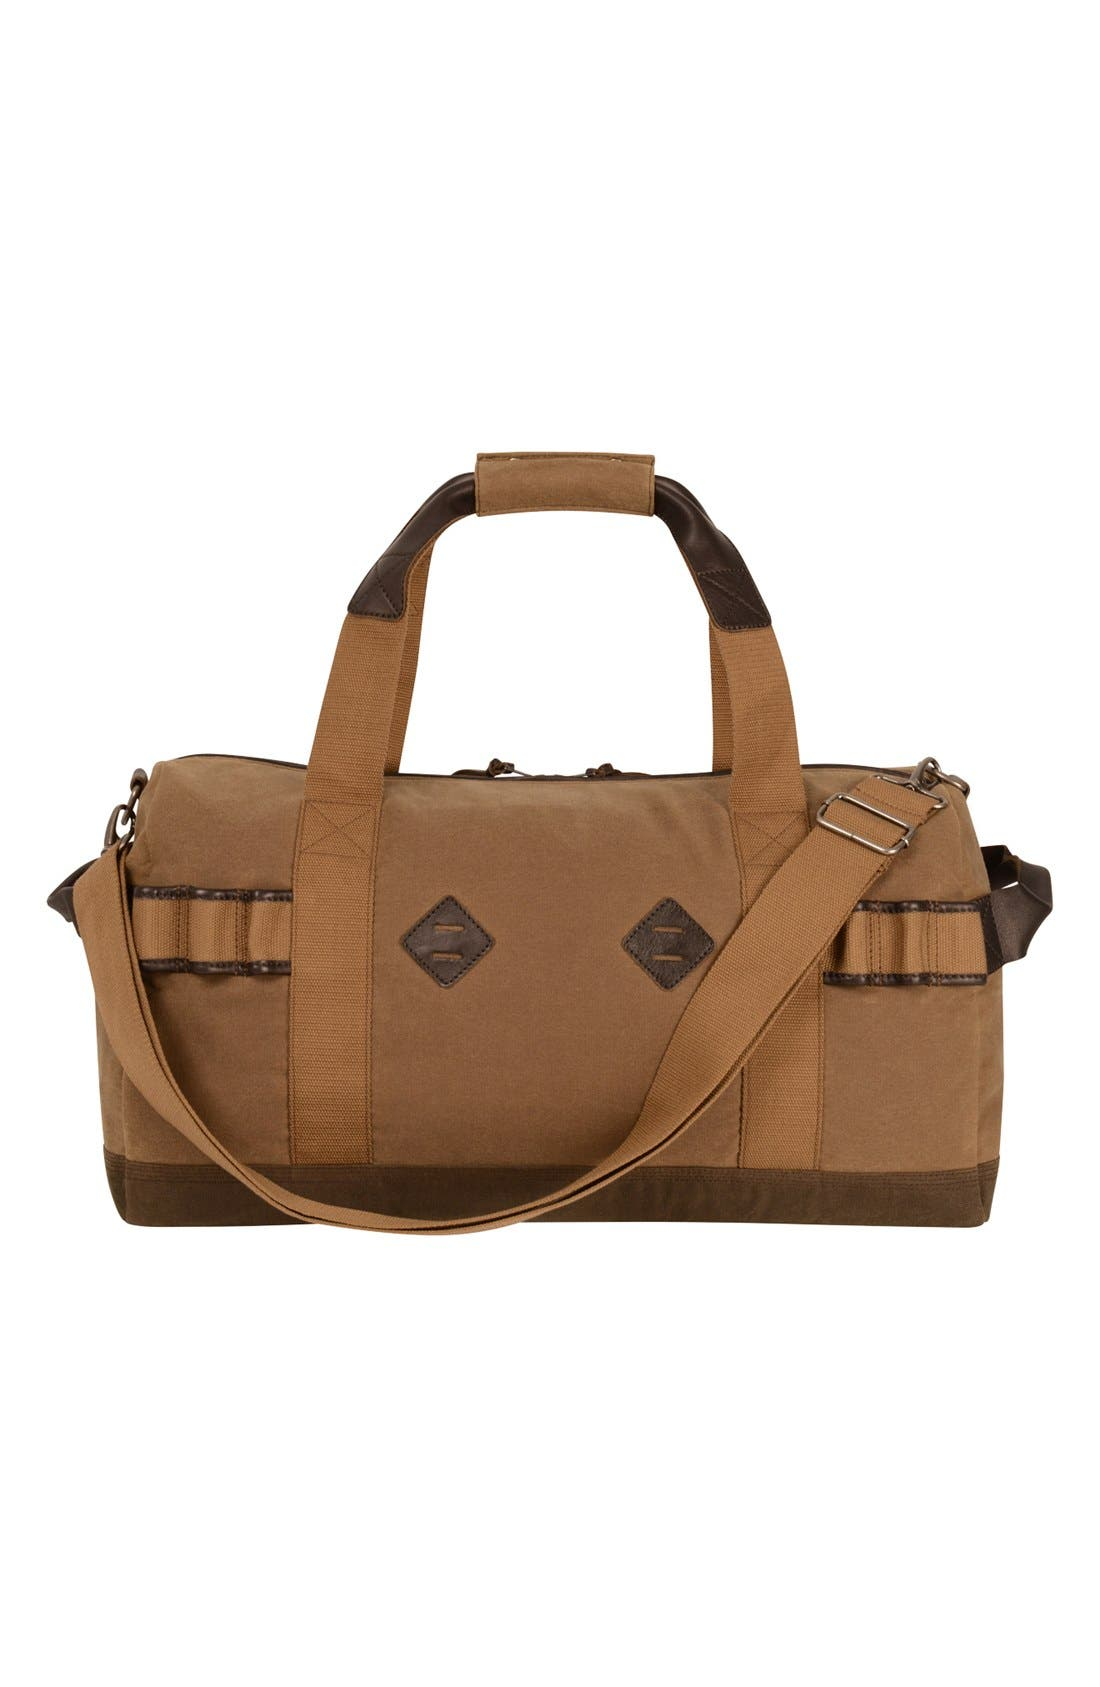 'Madison' Duffel Bag,                             Alternate thumbnail 2, color,                             Tan/ Brown